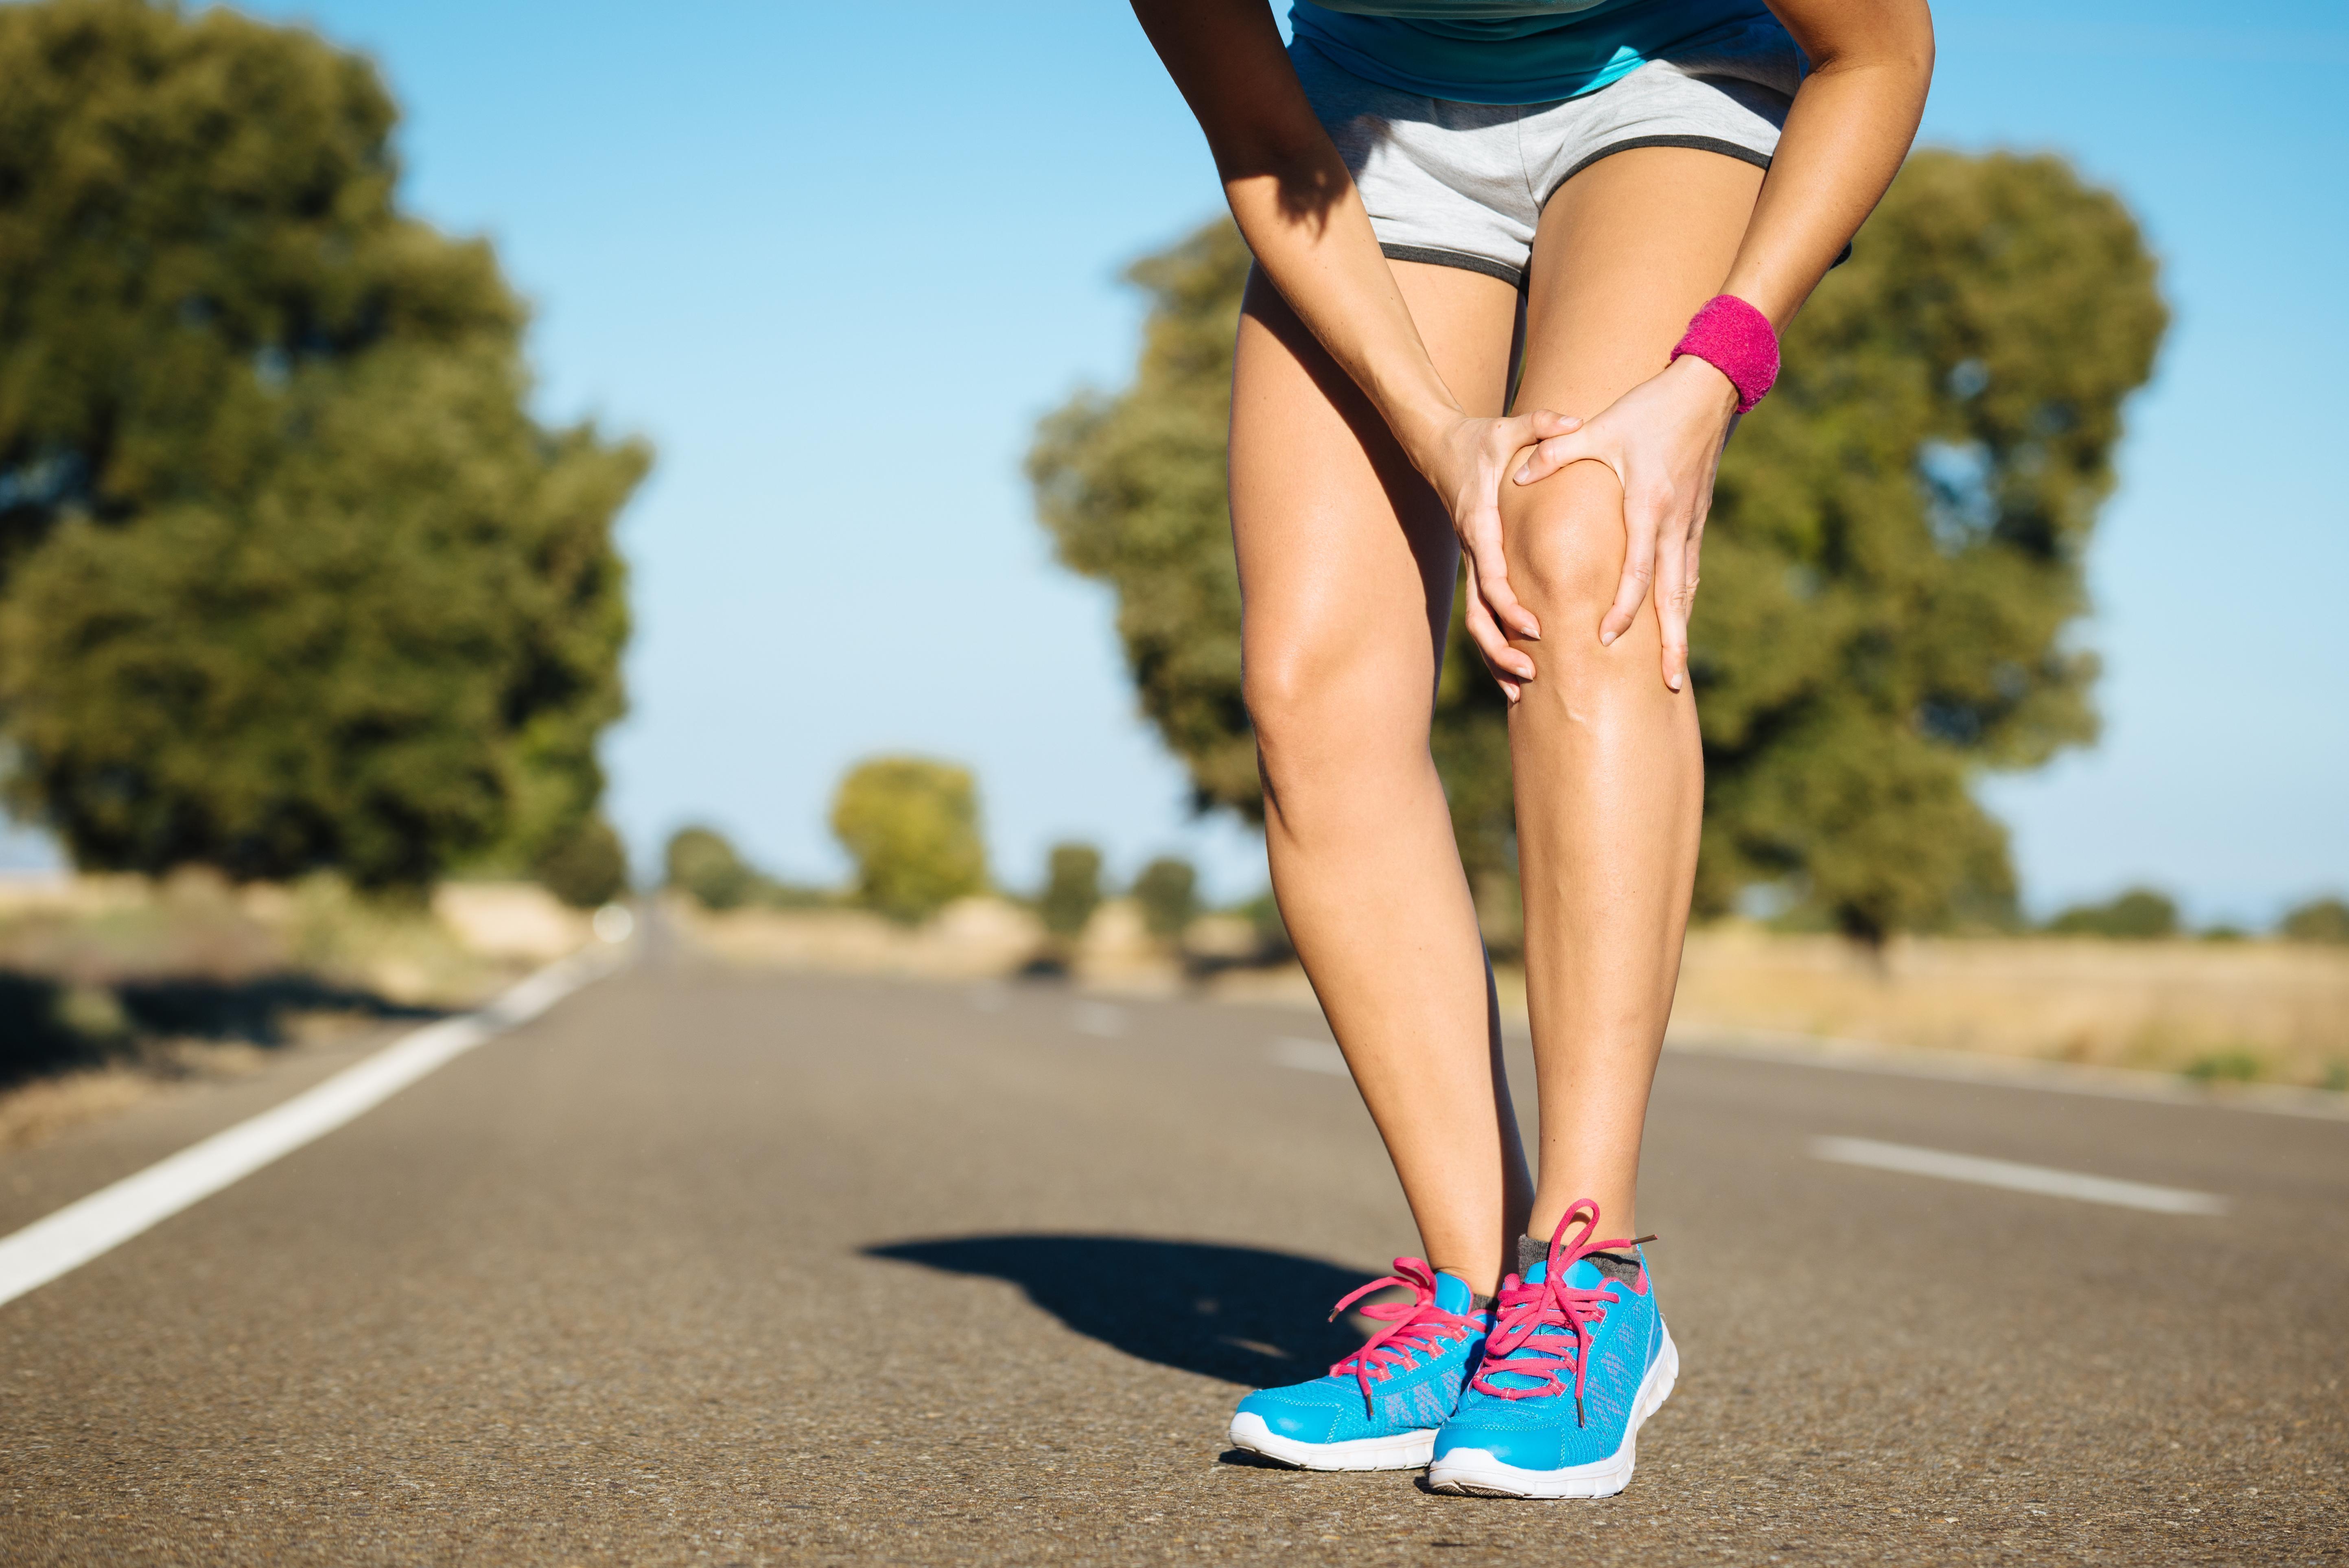 http://www.saudedicas.com.br/wp-content/uploads/2015/07/exercicios-para-prevenir-lesoes-no-joelho1-1024x684.jpg